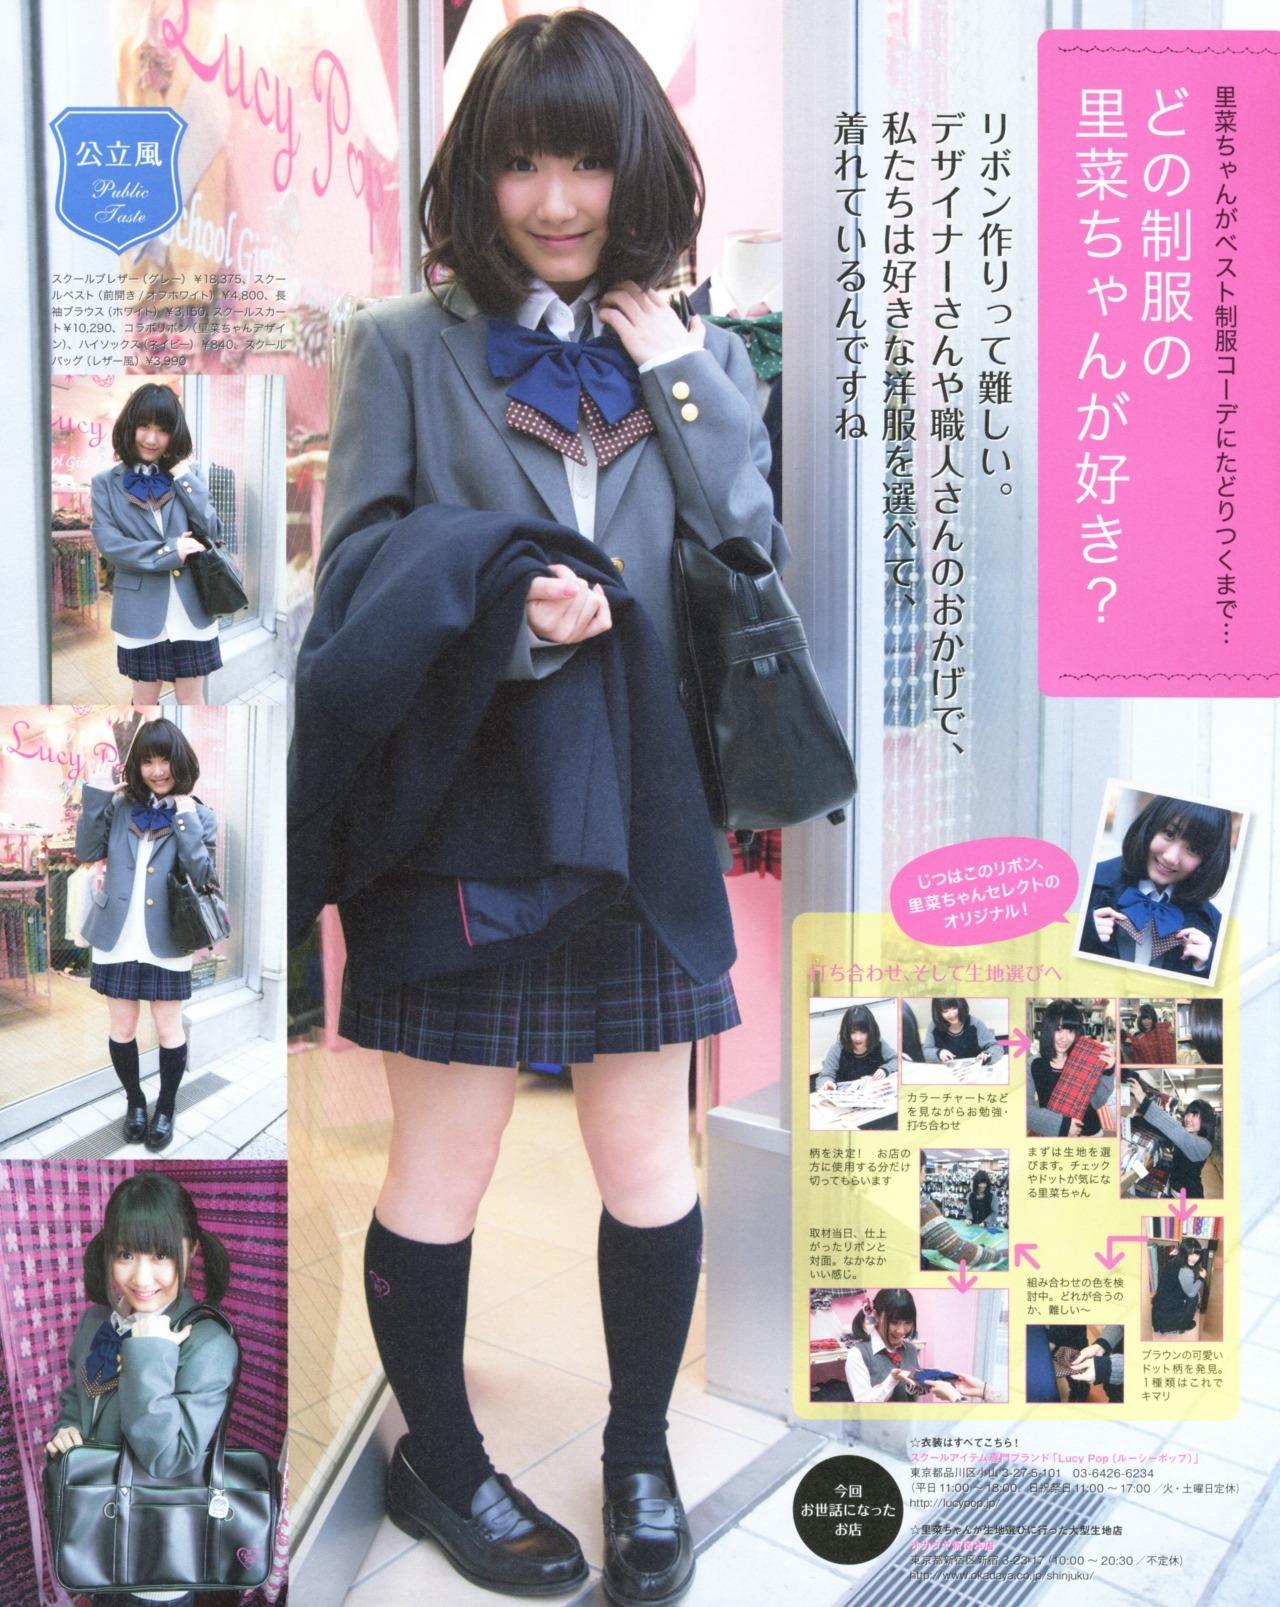 hidaka_rina009.jpg